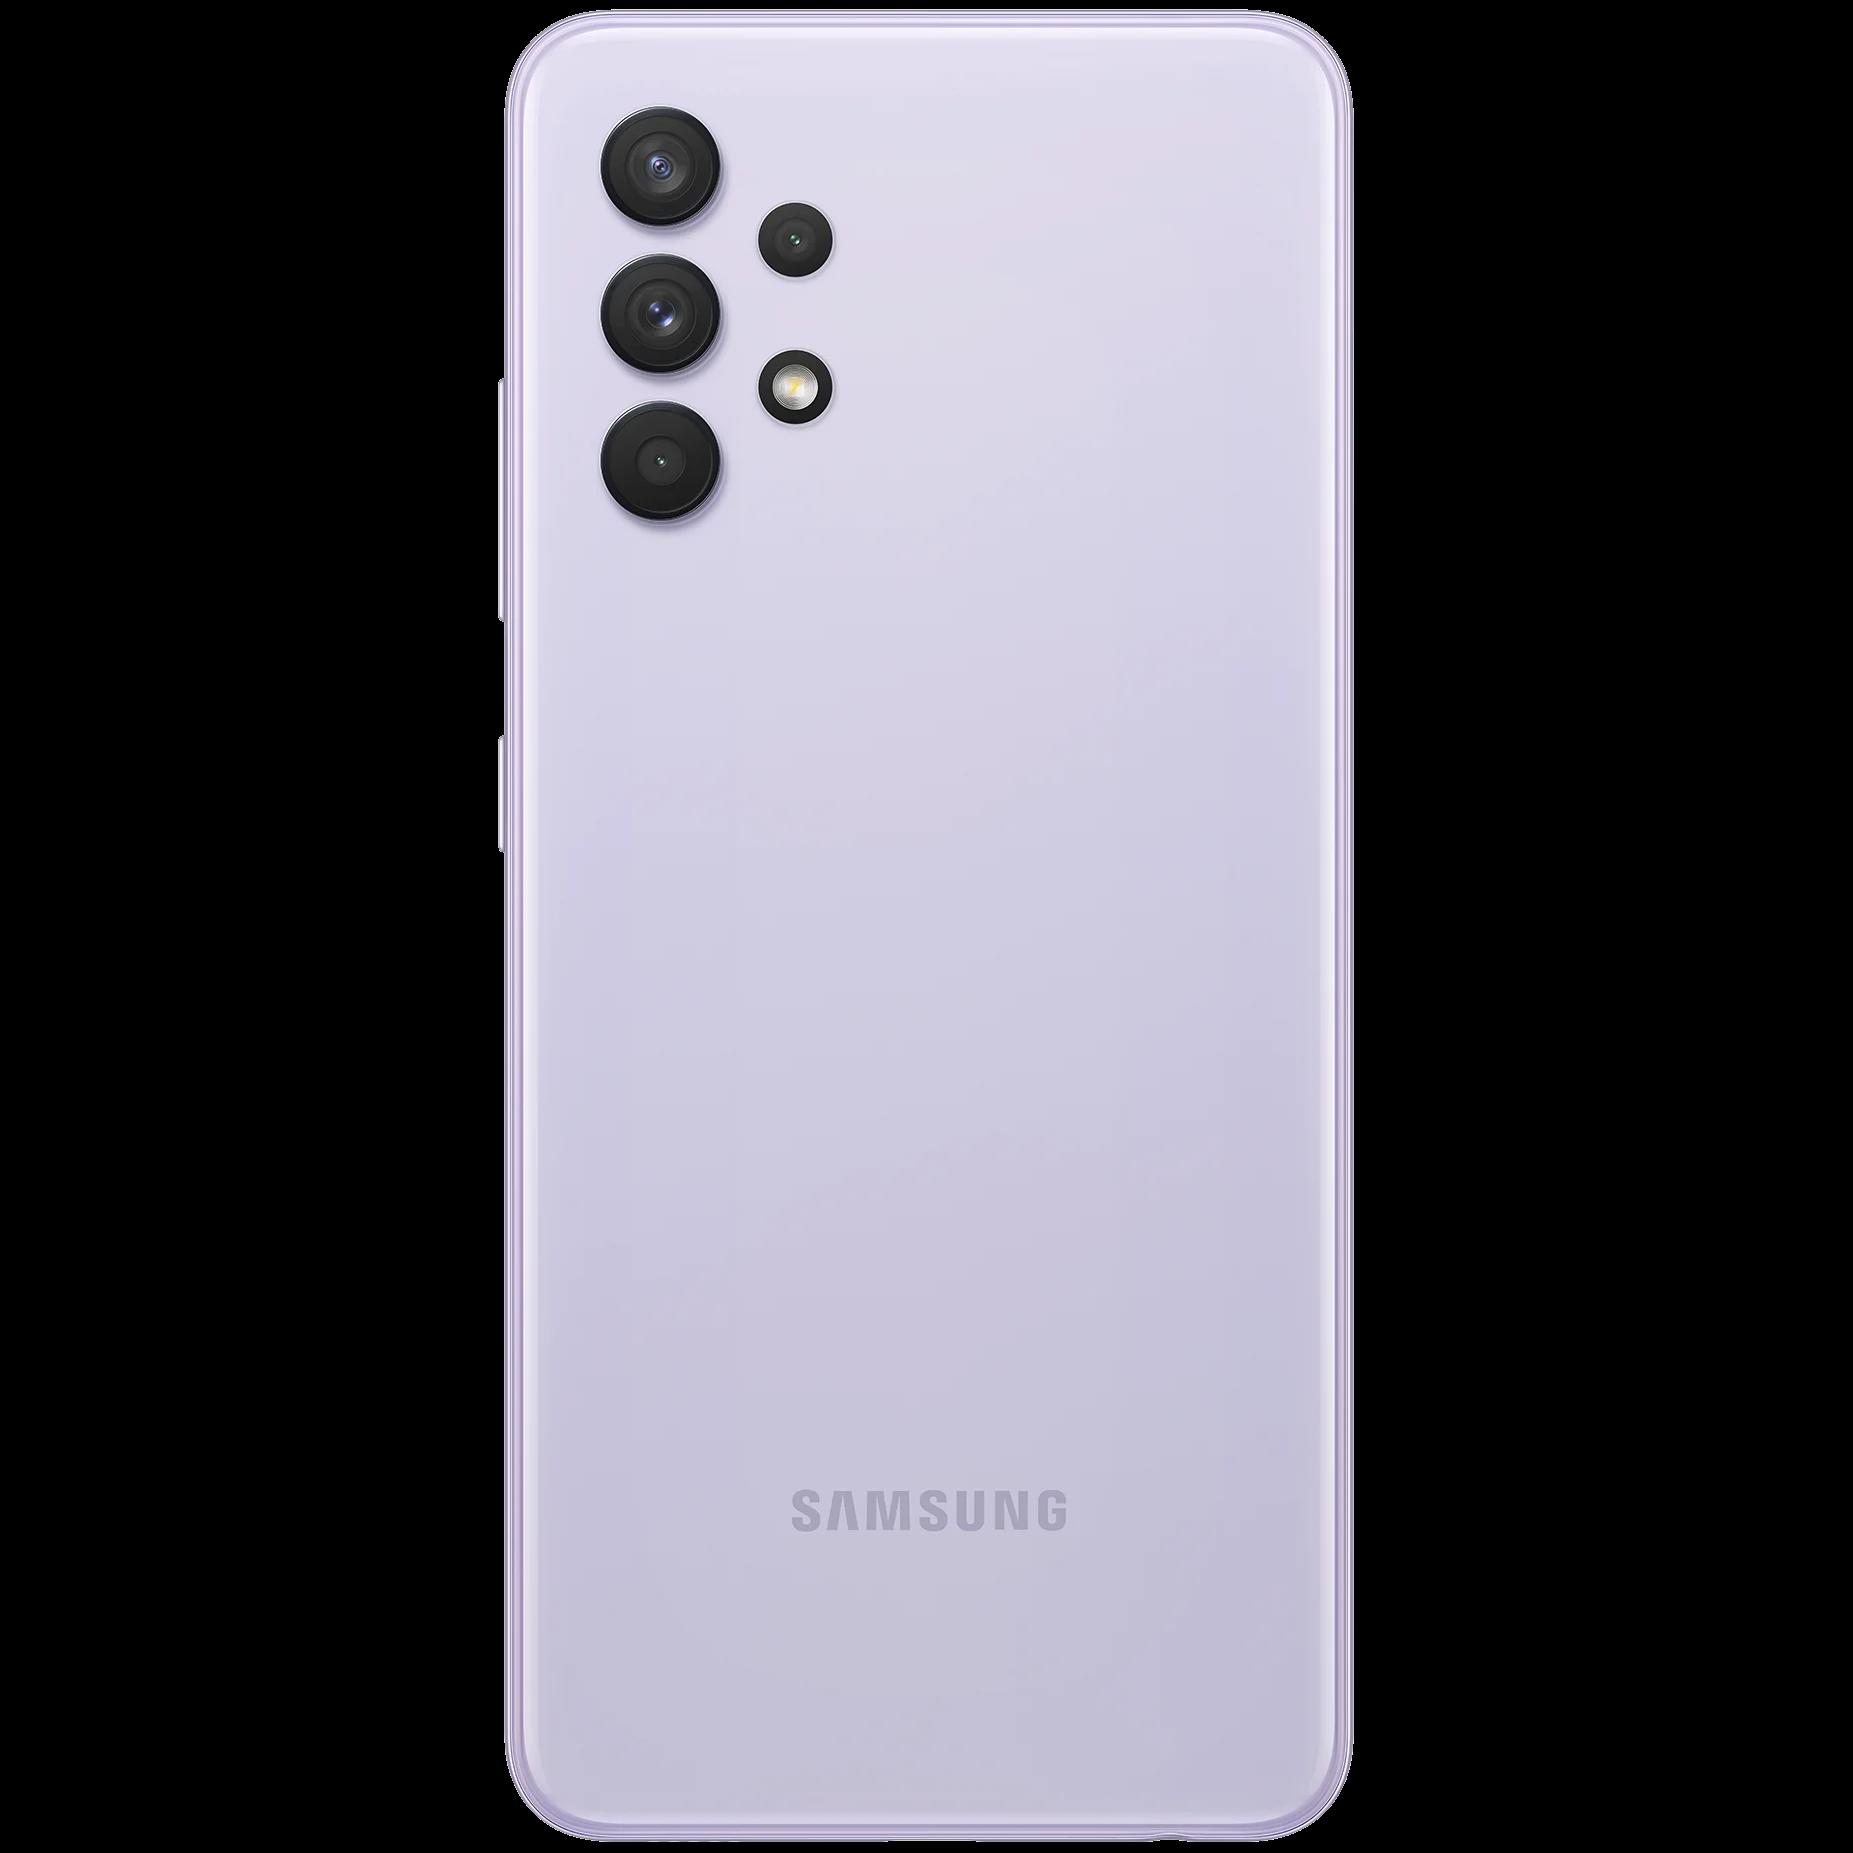 Samsung Galaxy A32 DS (SM-A325) 64GB 352407511781230 - 5